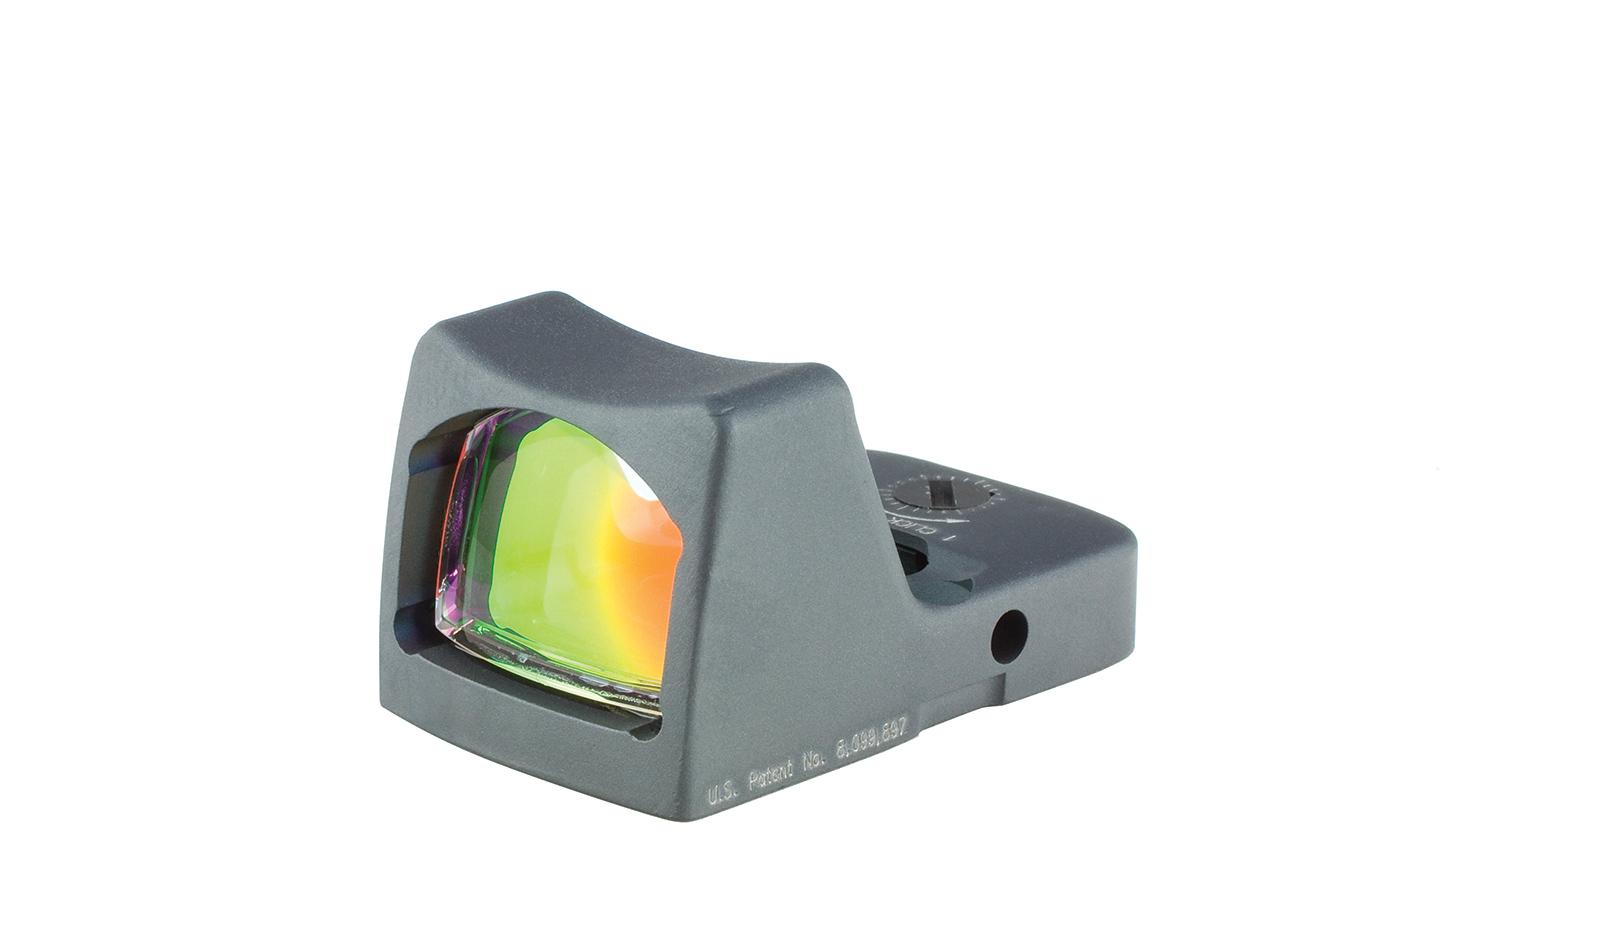 RM02-C-700643 angle 1